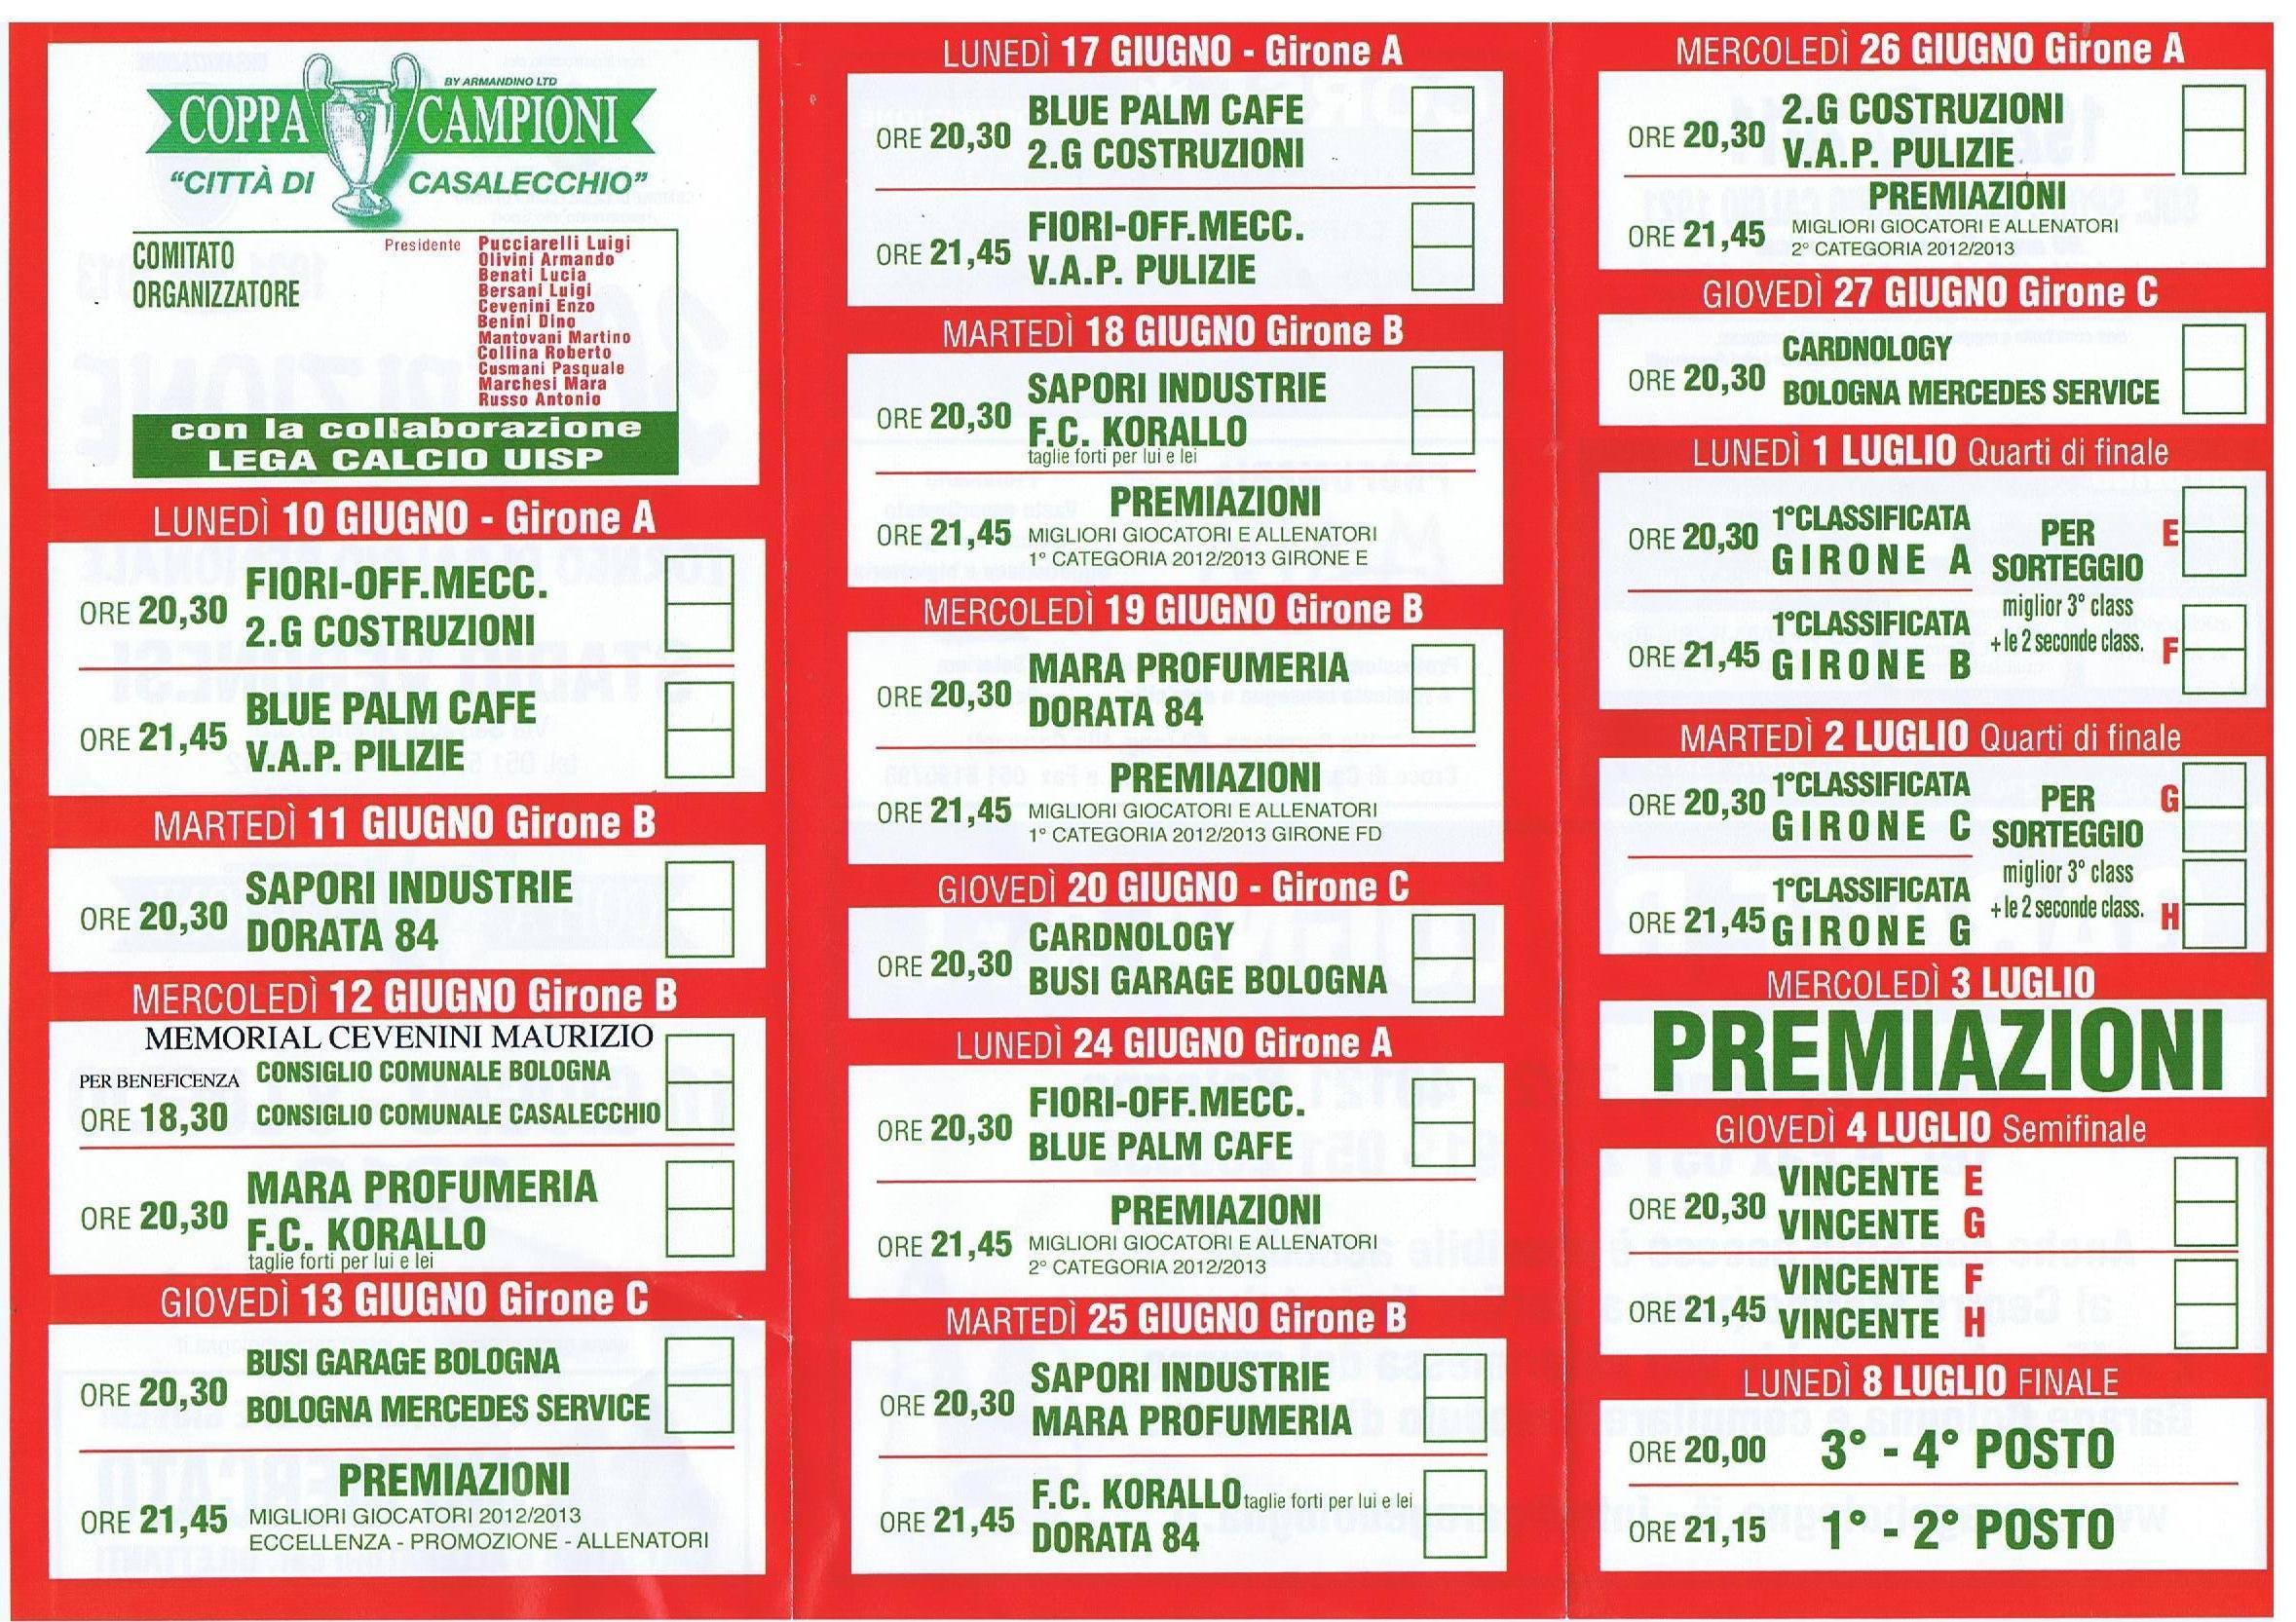 Calendario Coppa Dei Campioni.Coppa Dei Campioni Di Calcio Al Veronesi Comune Di